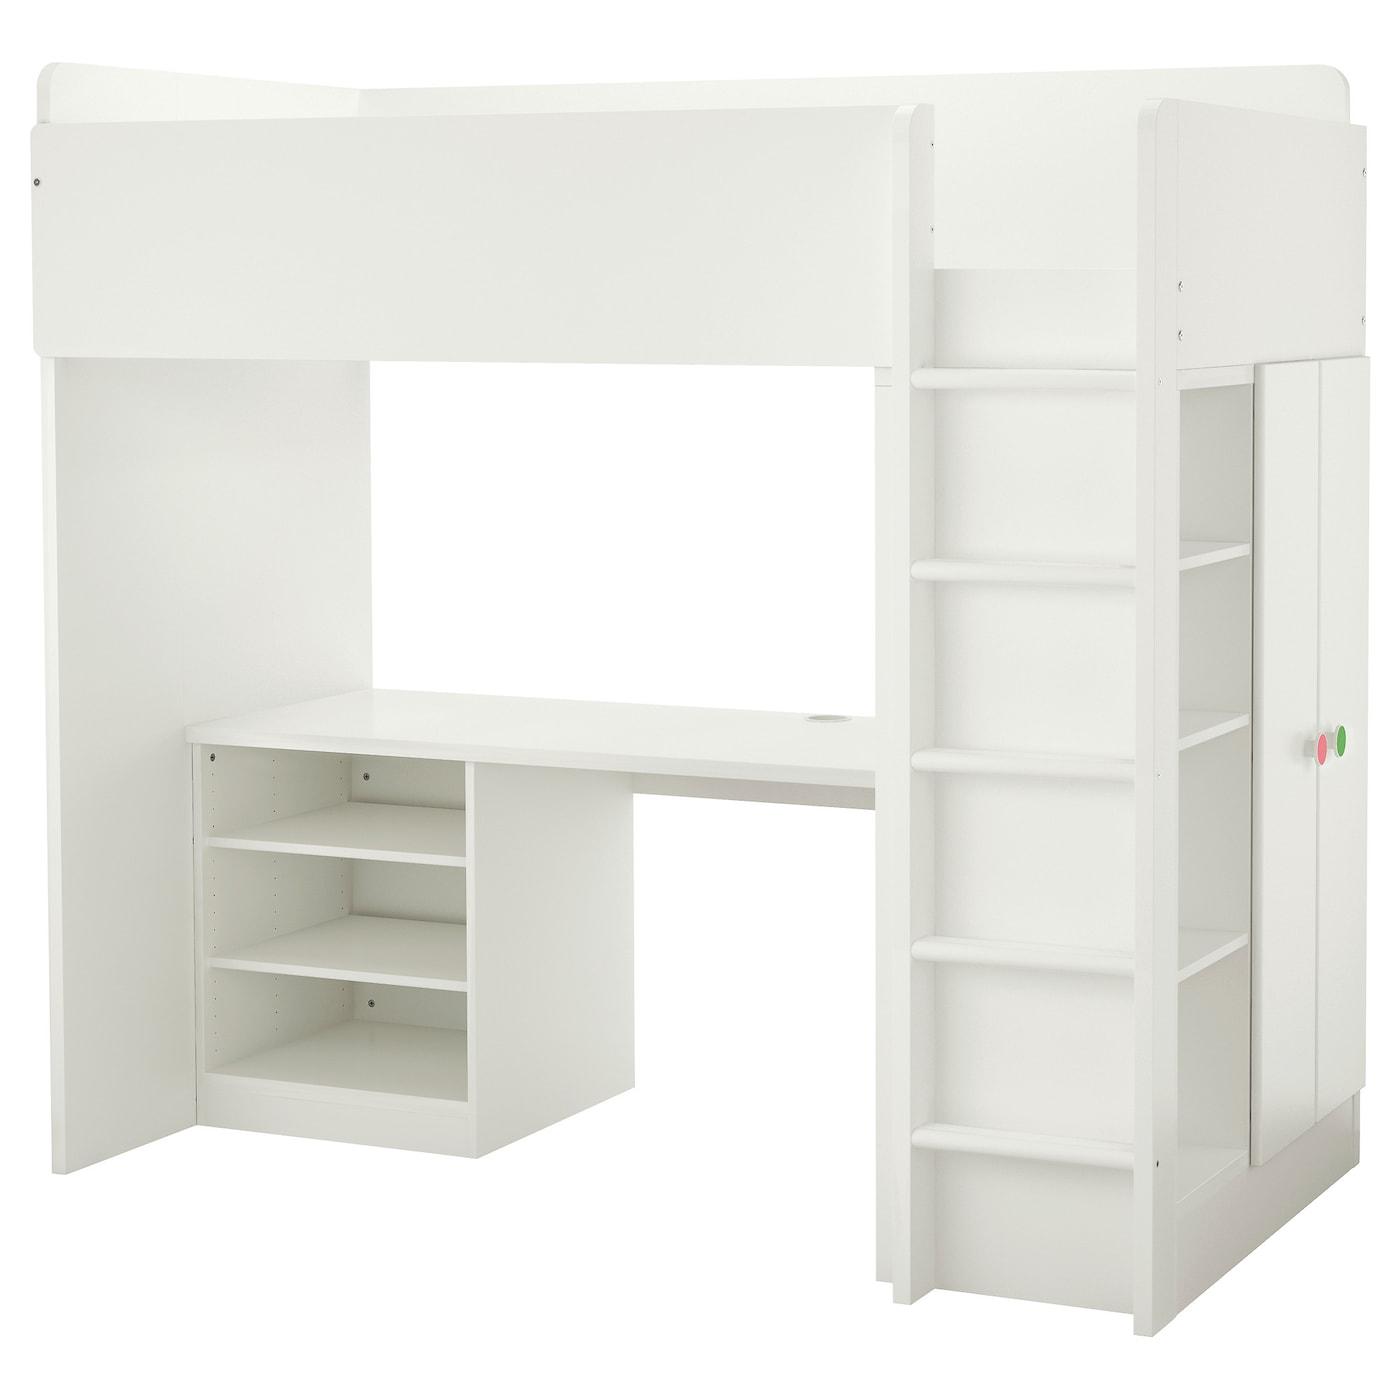 stuva f lja combi lit mezz 2 tabl 2ptes blanc 207x99x193 cm ikea. Black Bedroom Furniture Sets. Home Design Ideas